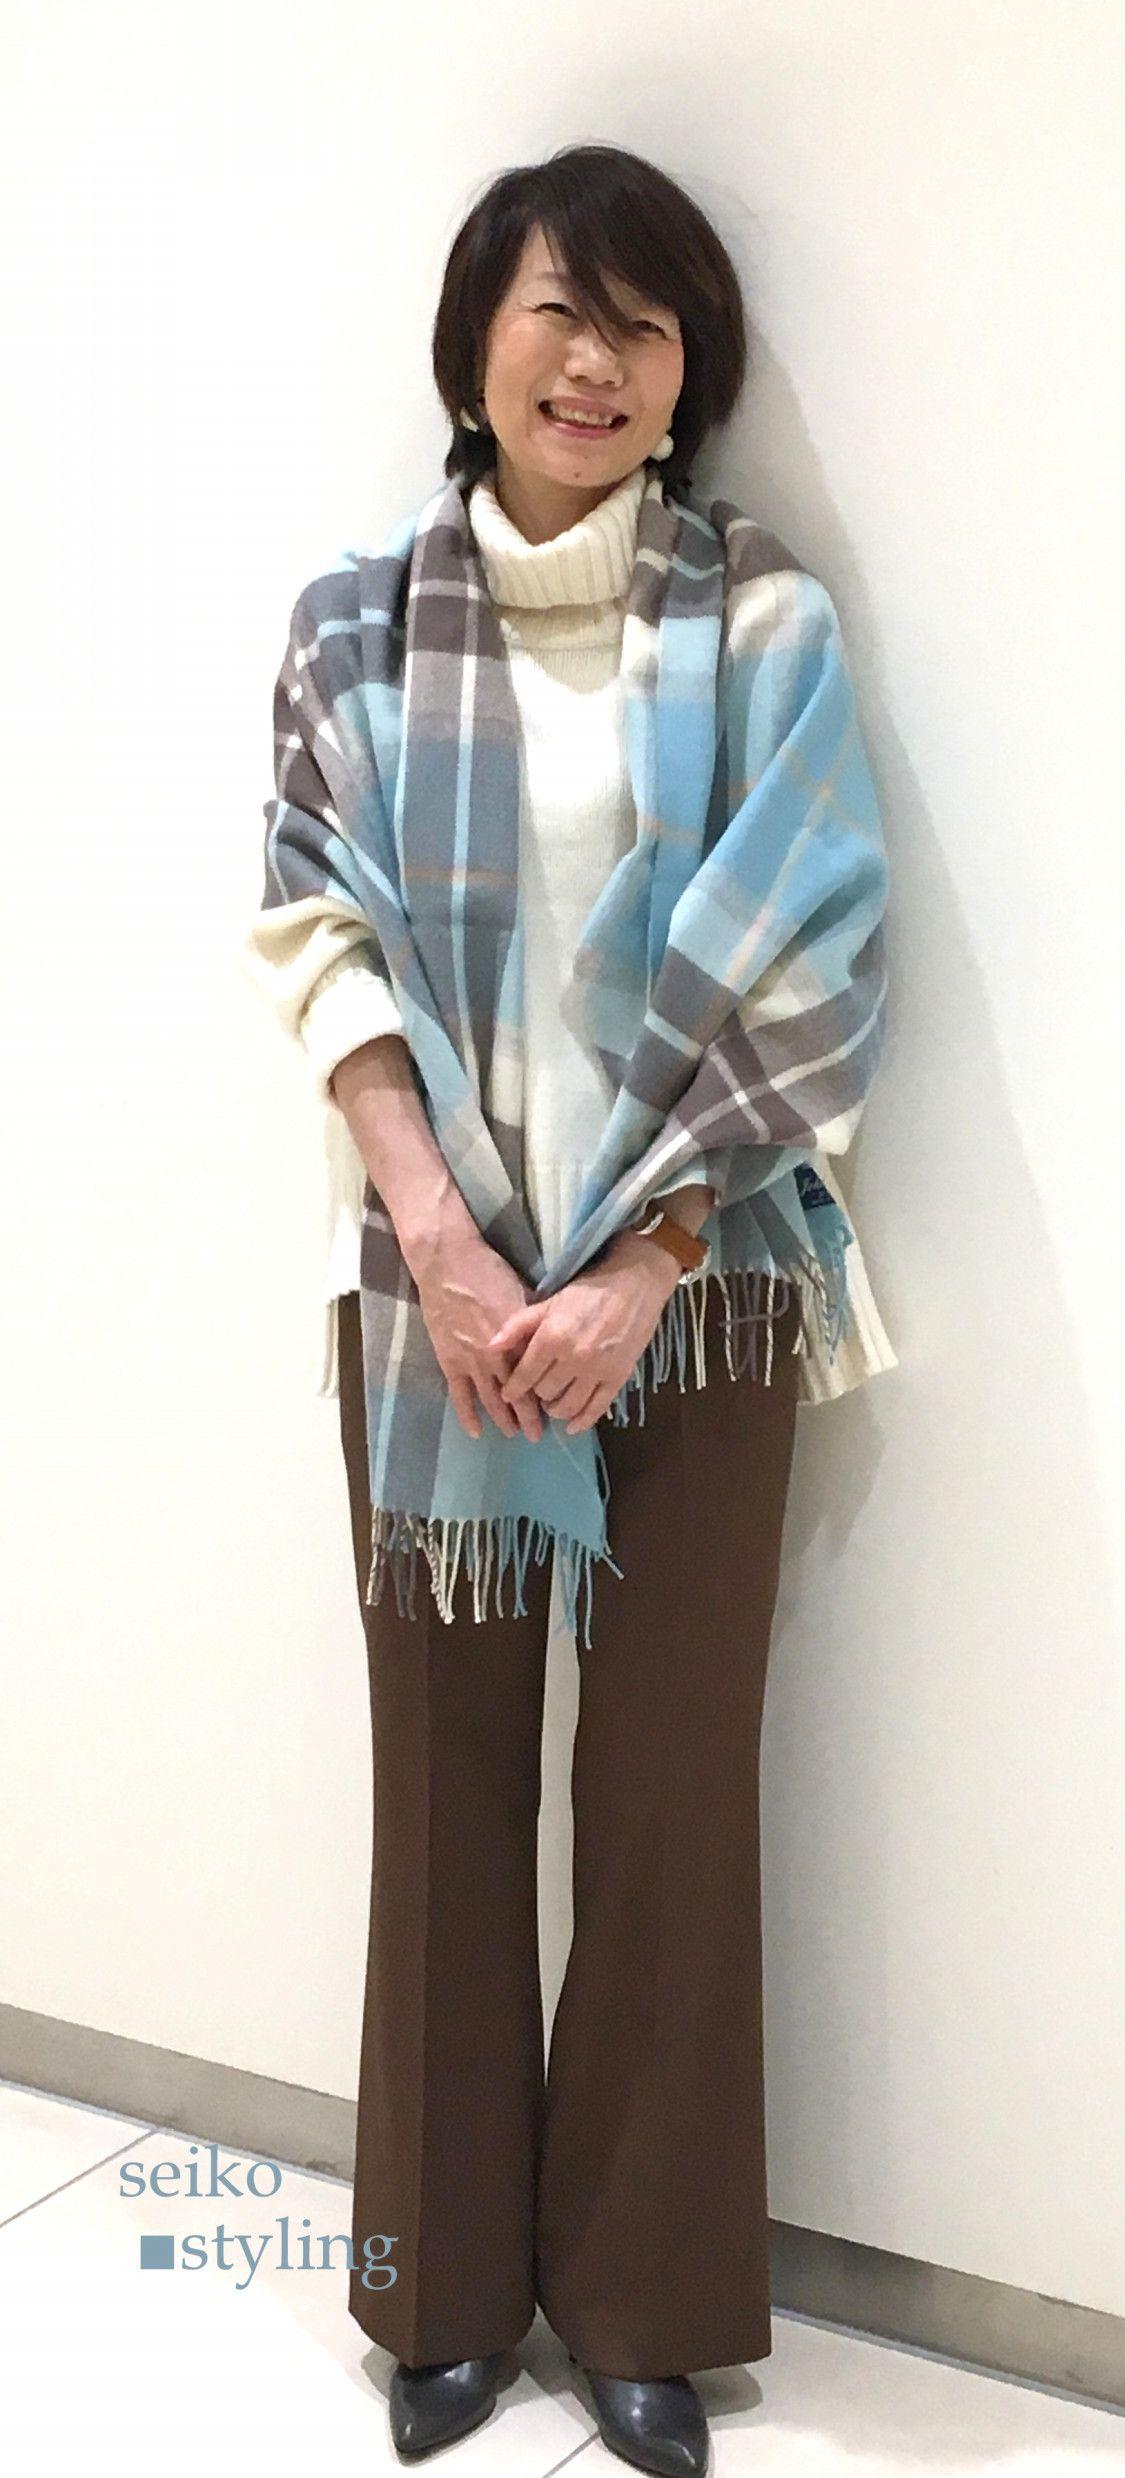 50代 ファッション 骨格タイプナチュラル パーソナルカラー サマー スタイリング事例 50代 ファッション ファッション 春 ファッション 50代